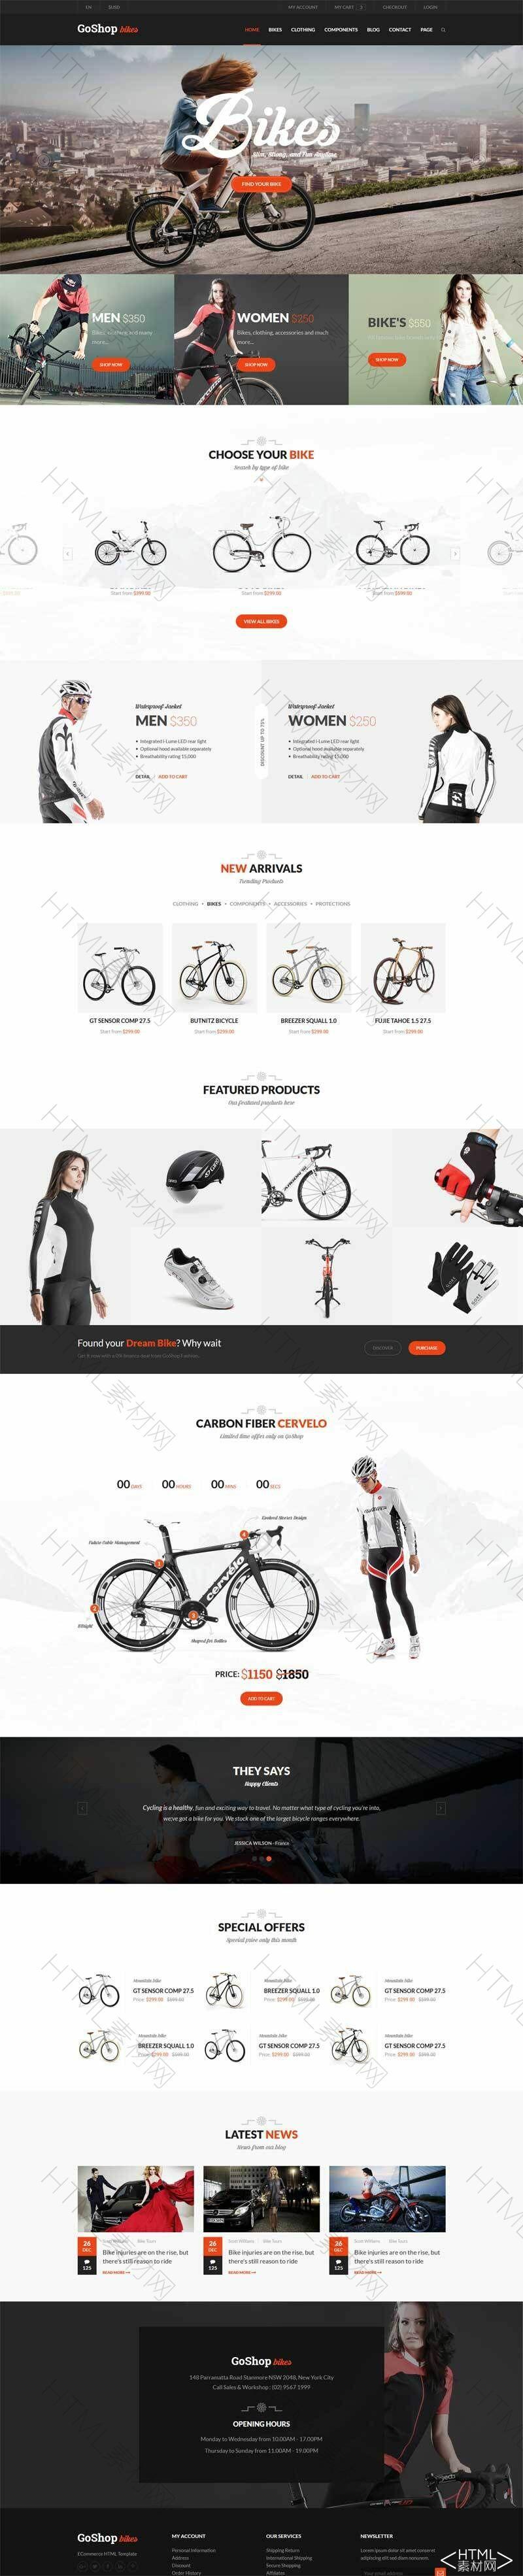 自行车户外用品电商网站模板.jpg